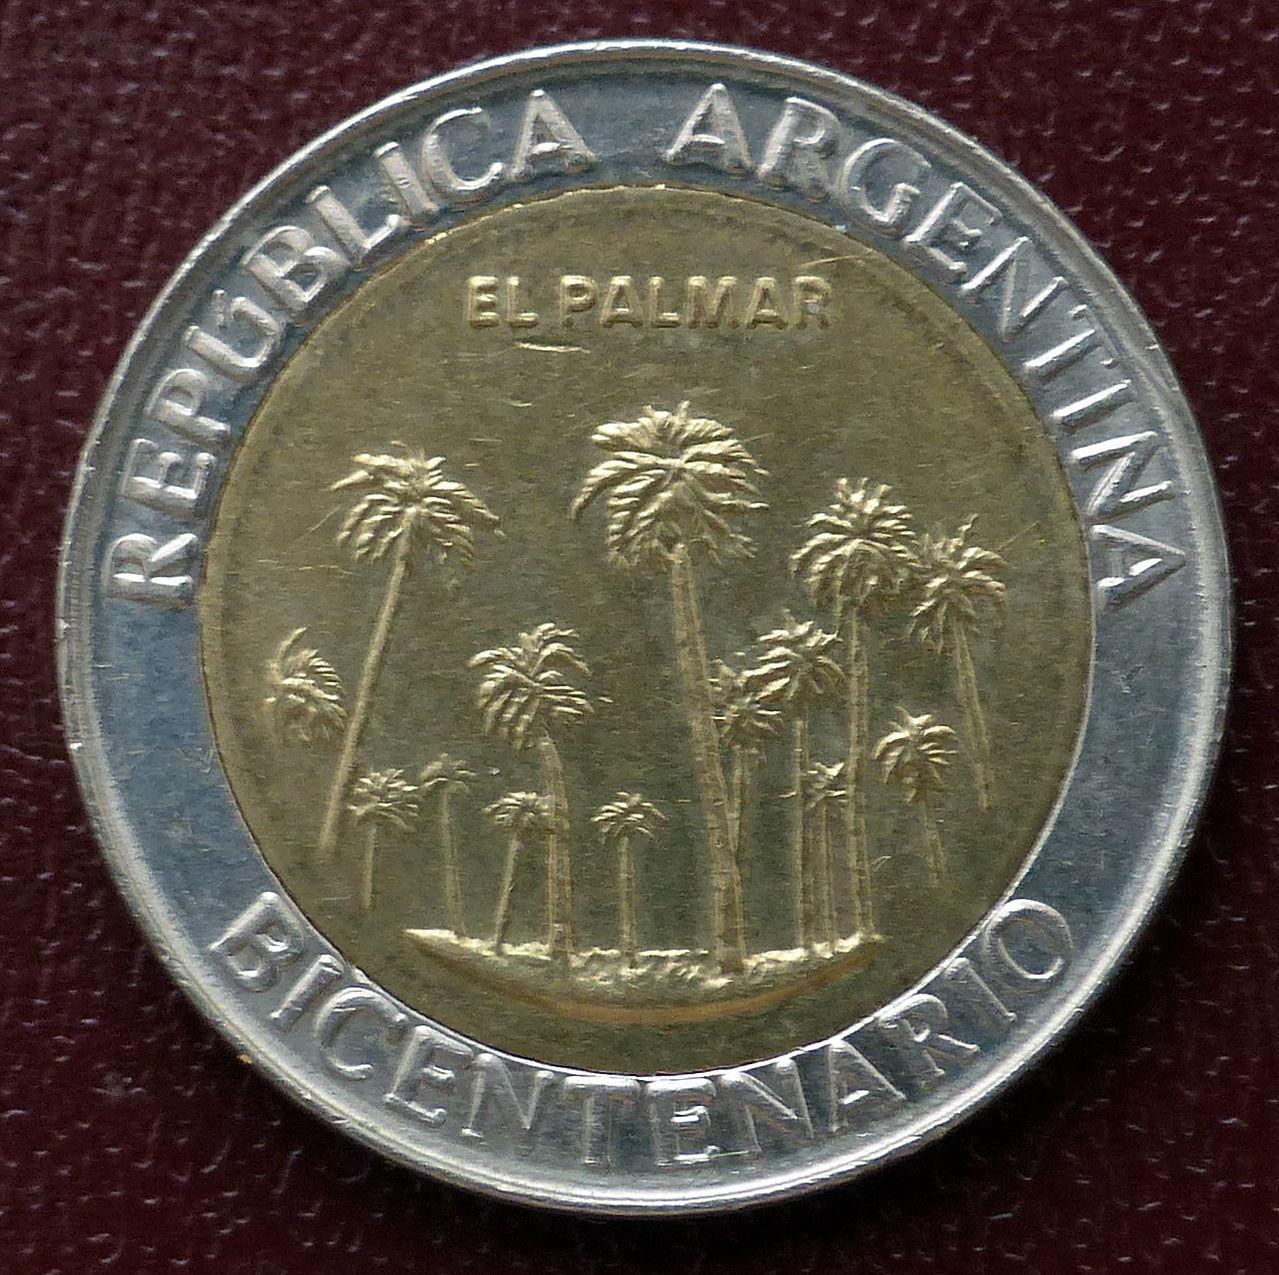 Argentina - Serie 1 peso - Bicentenario 1cr